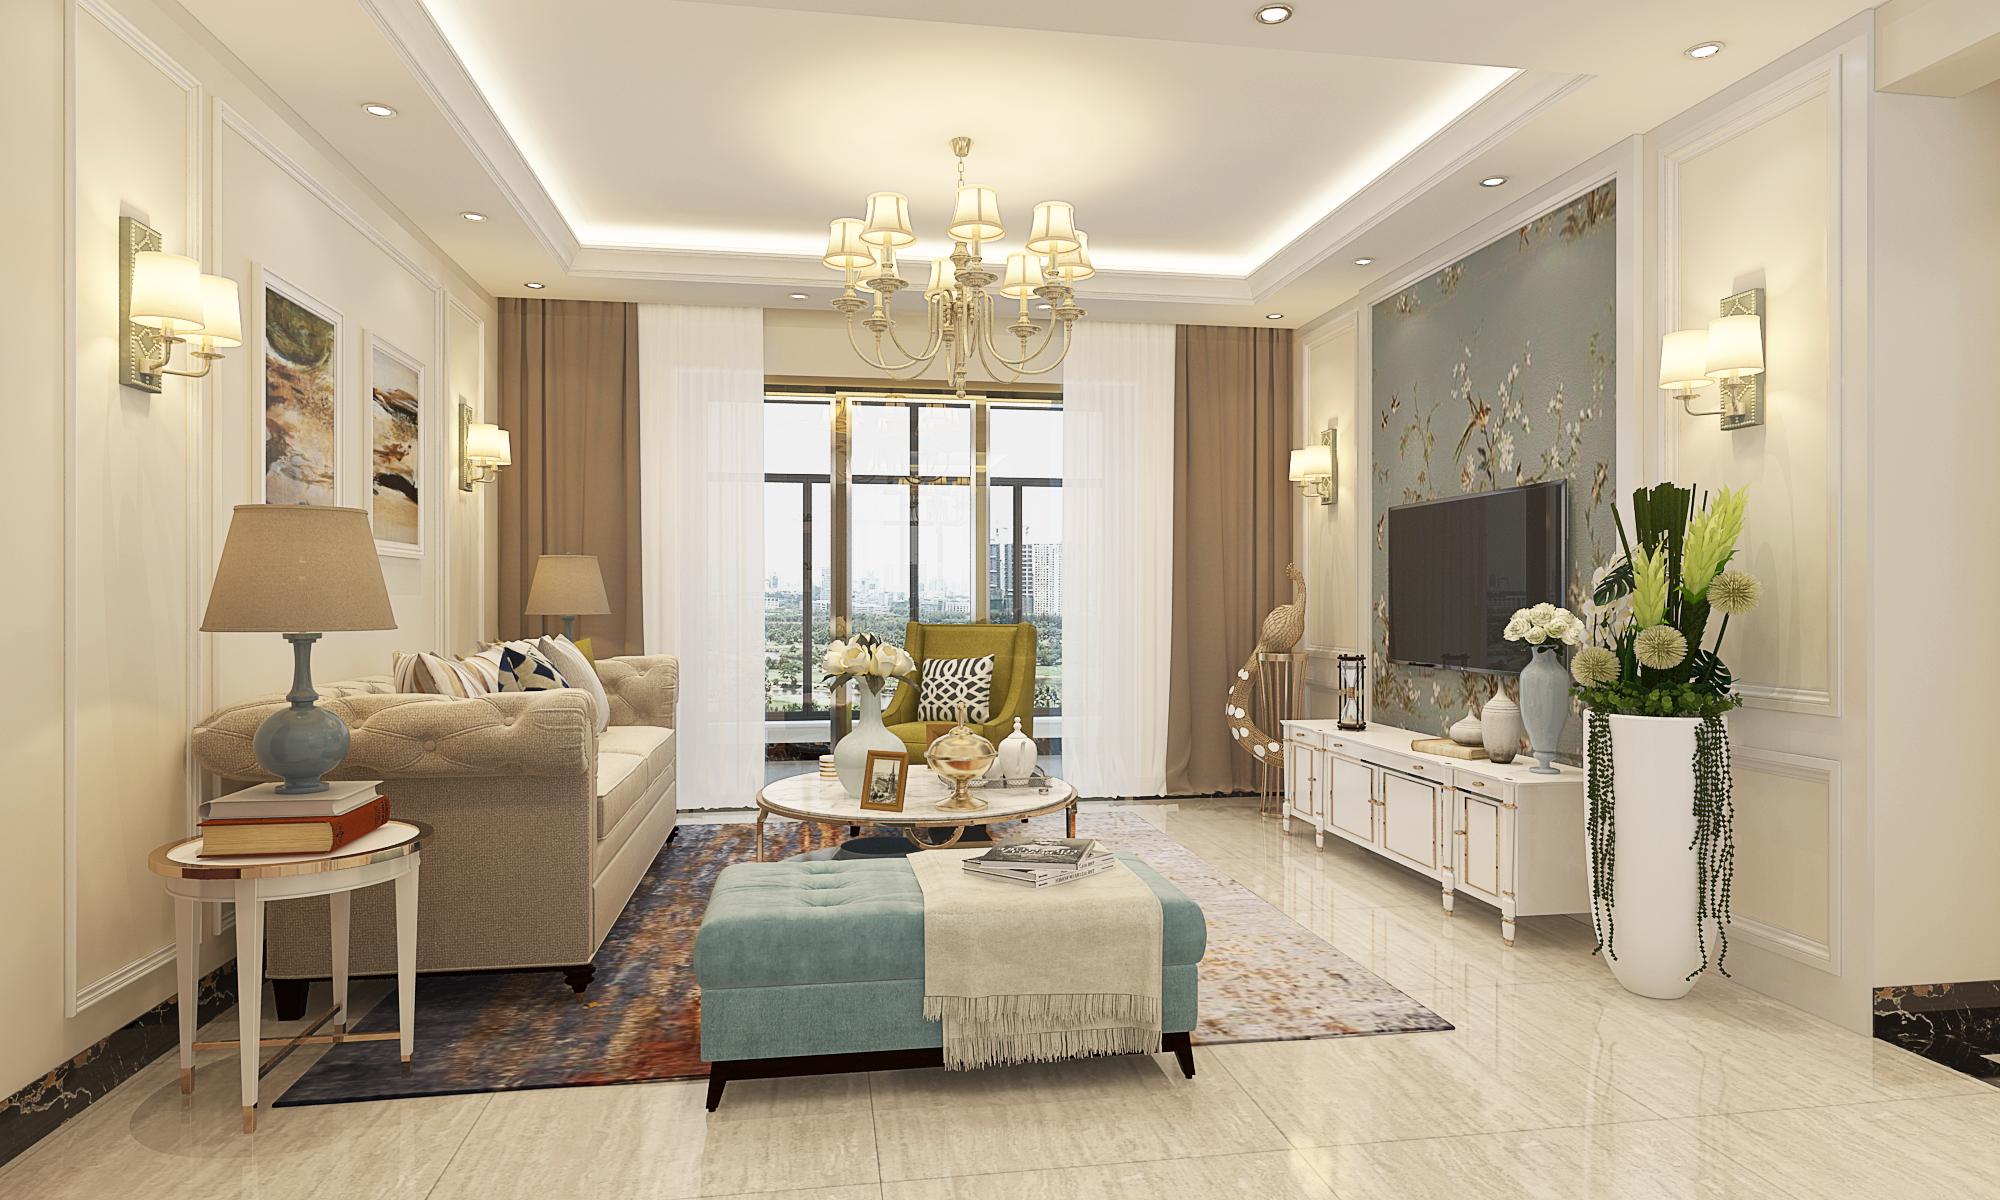 超现代 简约风格 白色调 恒大苹果园 客厅图片来自广西品匠装饰集团在恒大苹果园超现代风格装修案例的分享